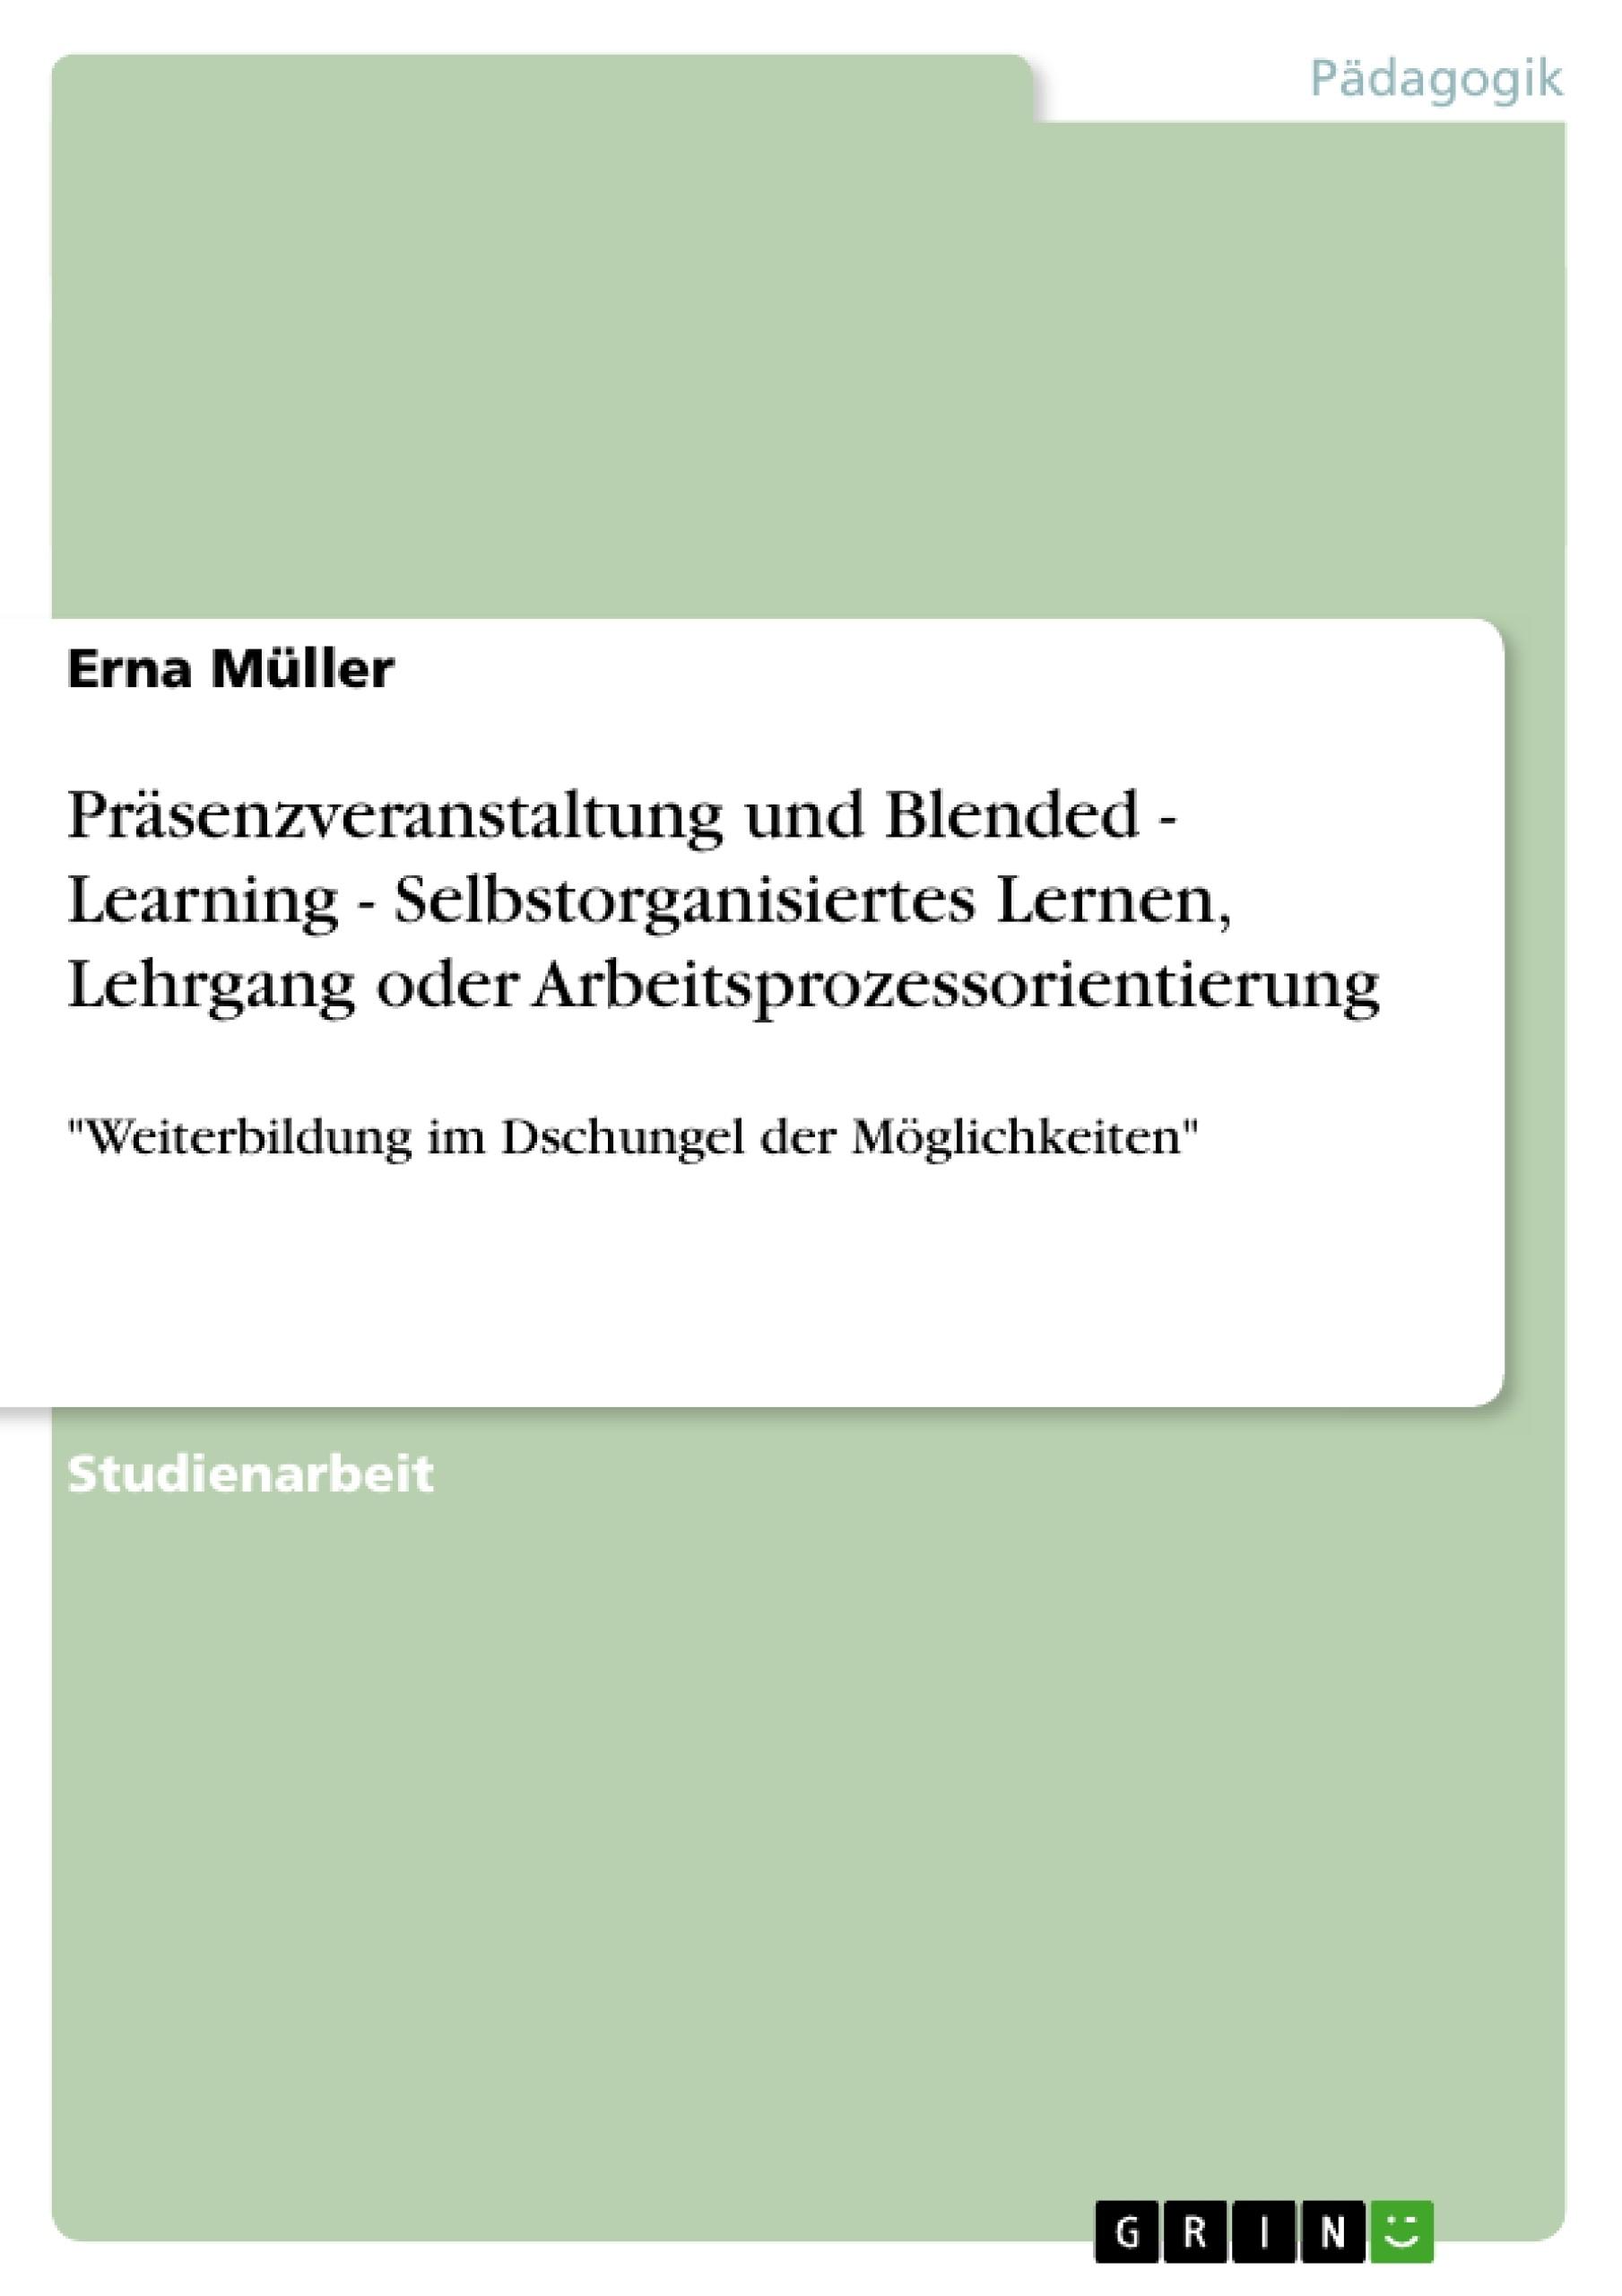 Titel: Präsenzveranstaltung und Blended - Learning - Selbstorganisiertes Lernen, Lehrgang oder Arbeitsprozessorientierung